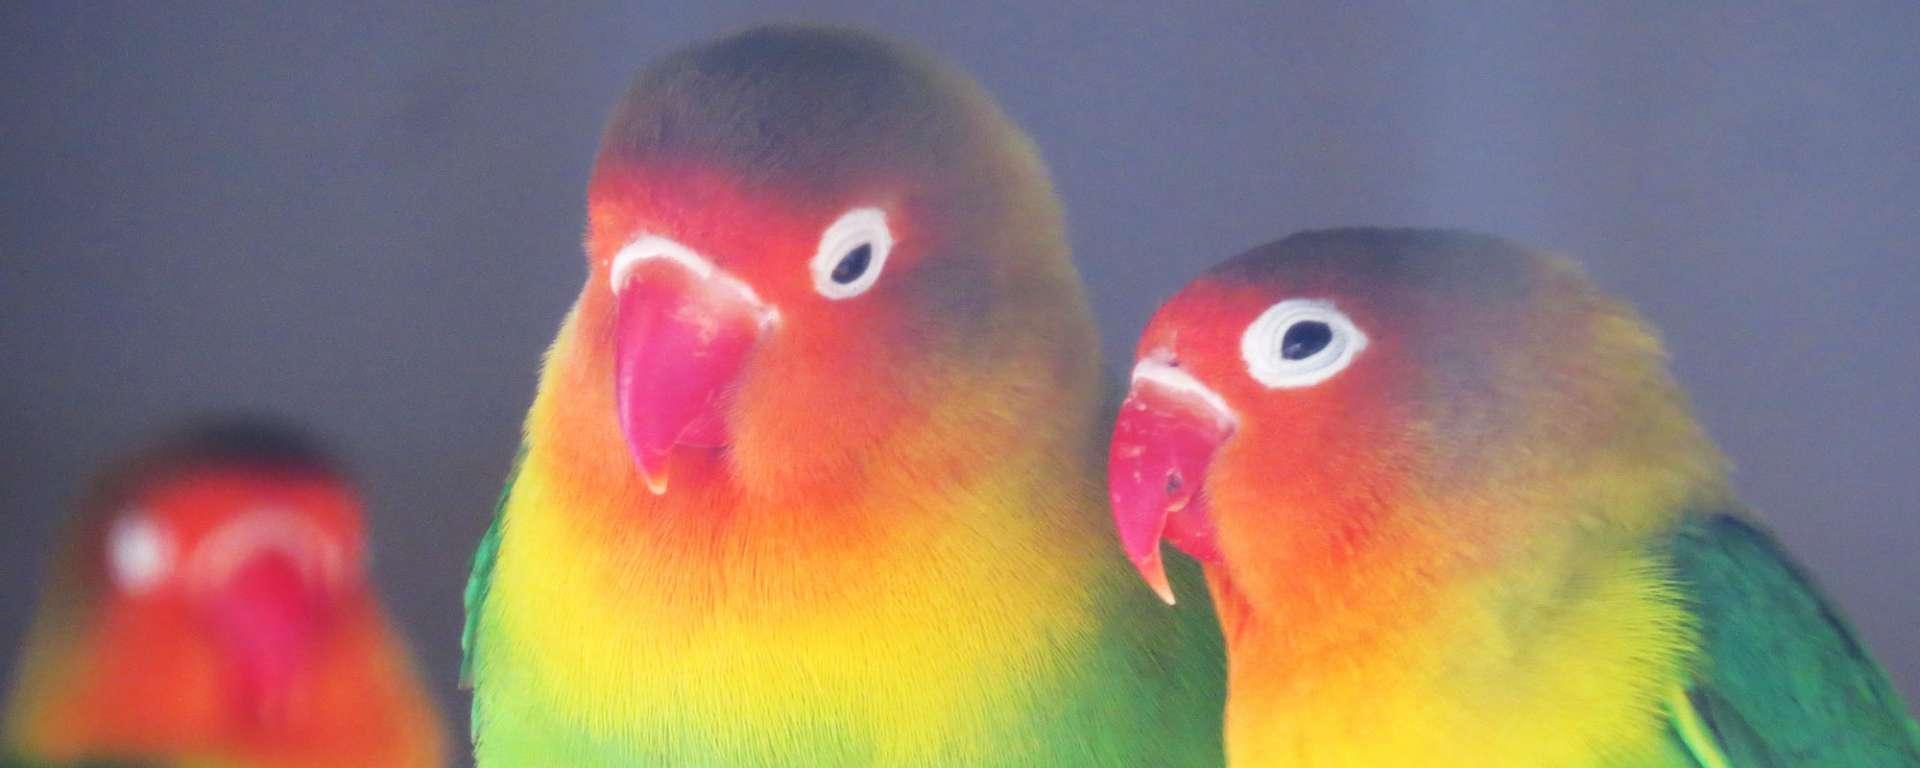 Lovebird by Cheryl Crowley